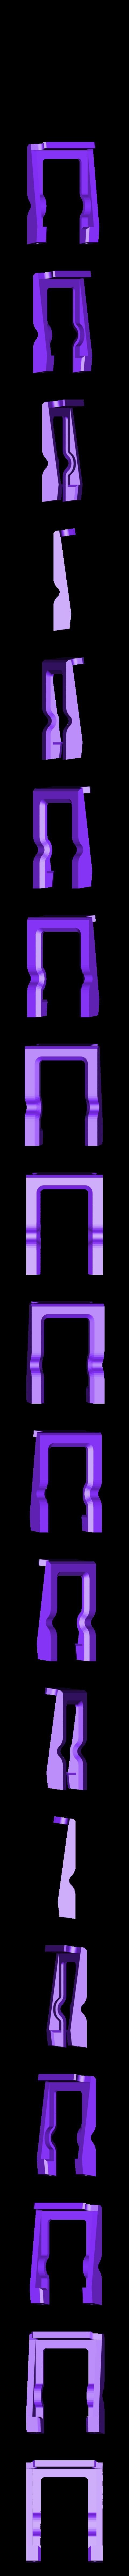 Fan_Holder.STL Télécharger fichier STL gratuit Ultimaker - Support de ventilateur résistant à la chaleur • Objet pour impression 3D, aliregunhito